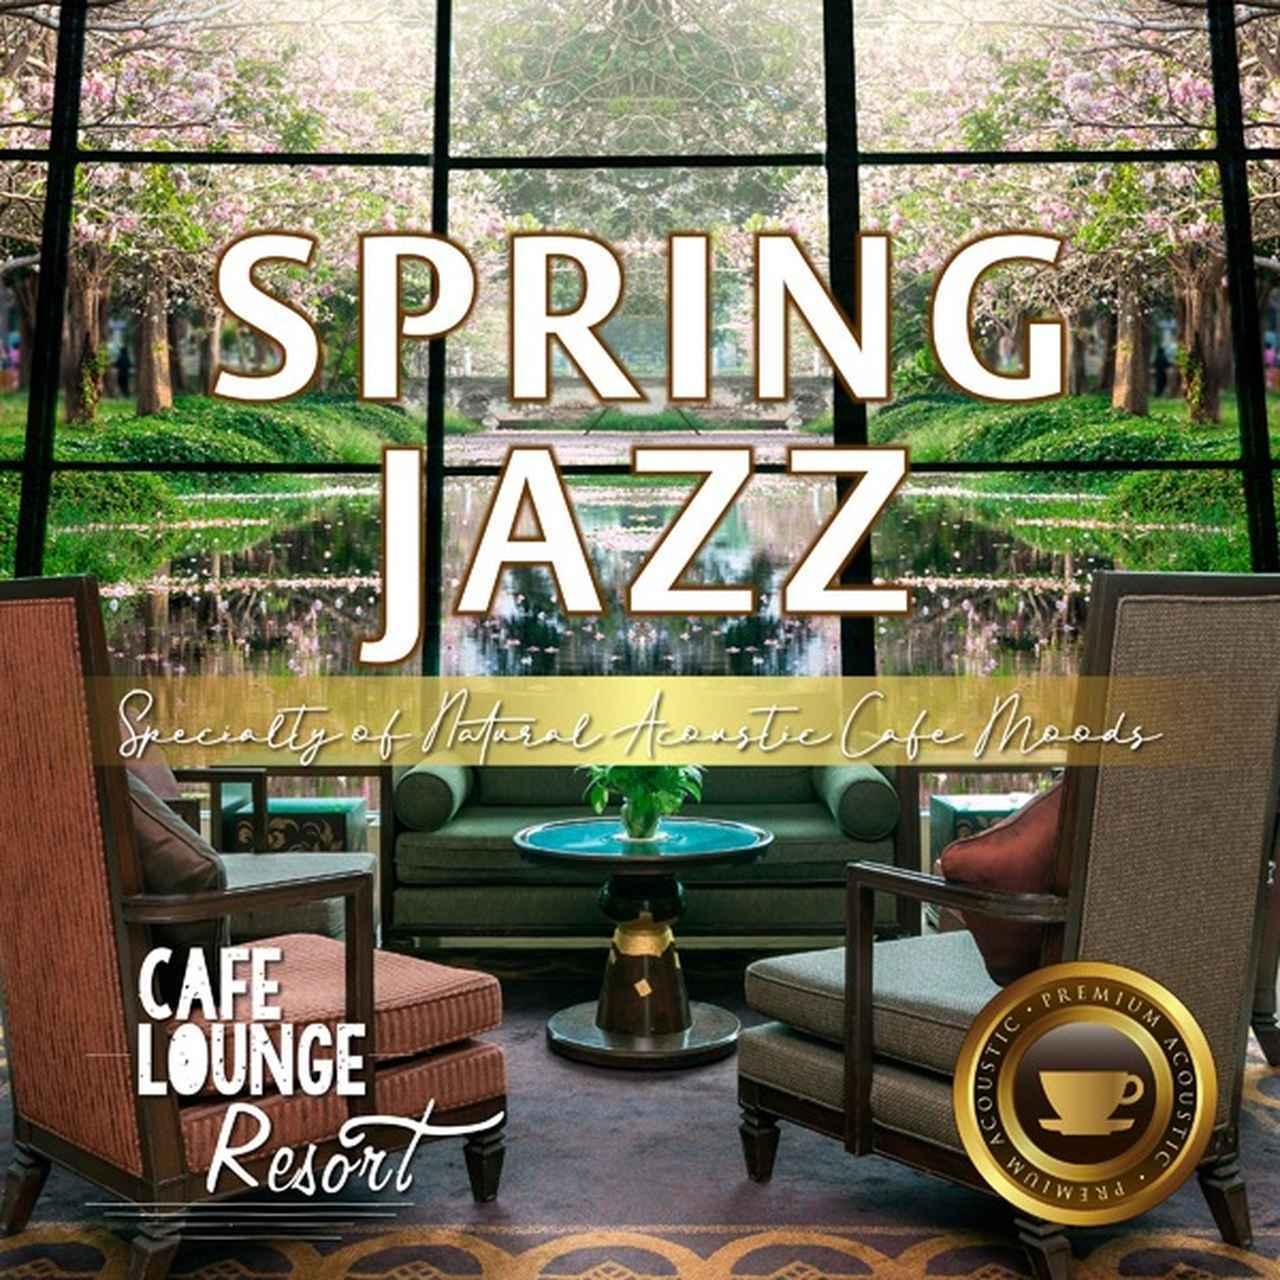 画像: Spring Jazz~Specialty of Natural Acoustic Cafe Moods~じっくり味わうコーヒー&ジャズ/Cafe lounge resort